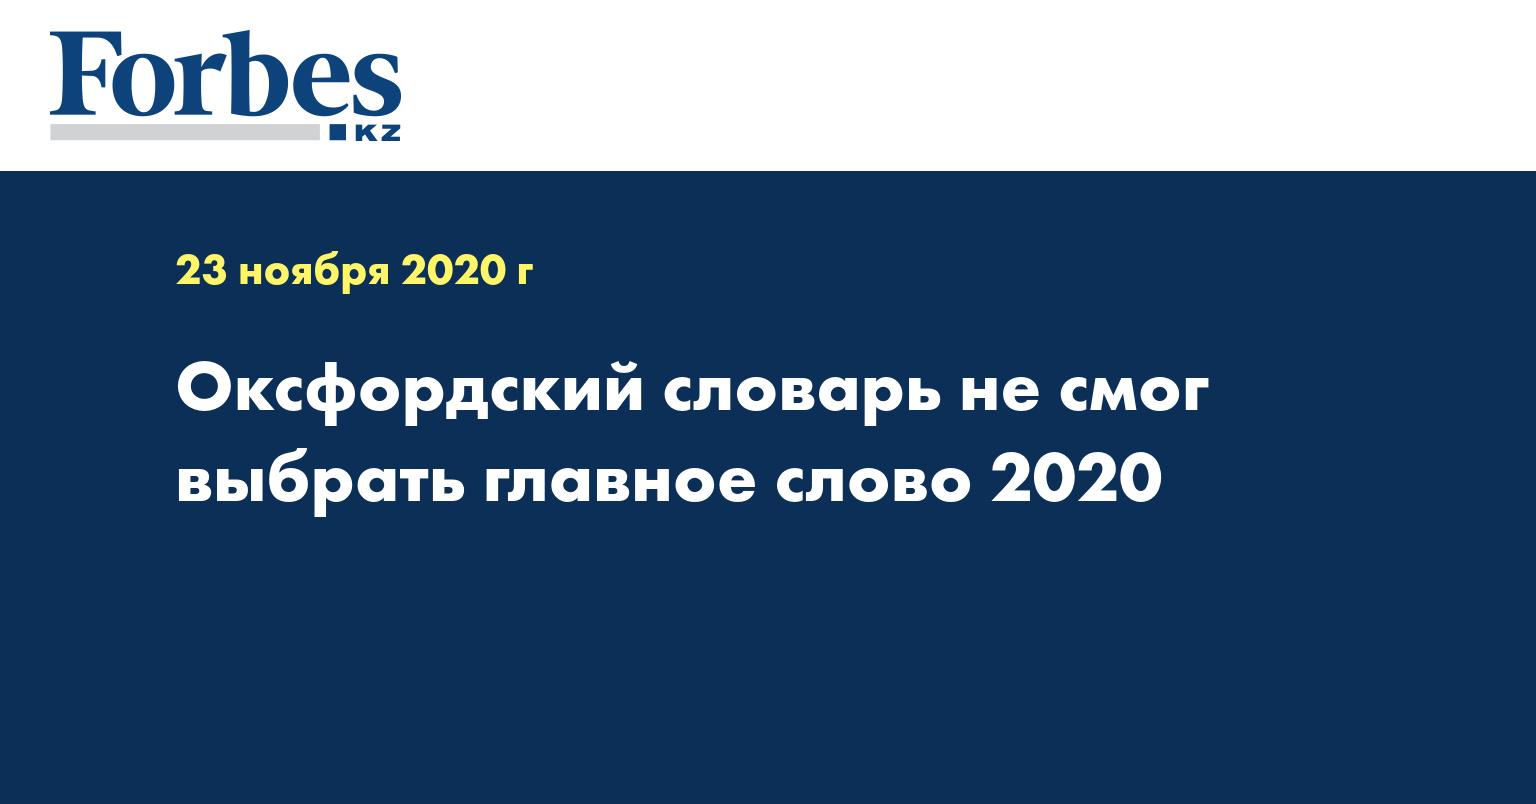 Оксфордский словарь не смог выбрать главное слово 2020